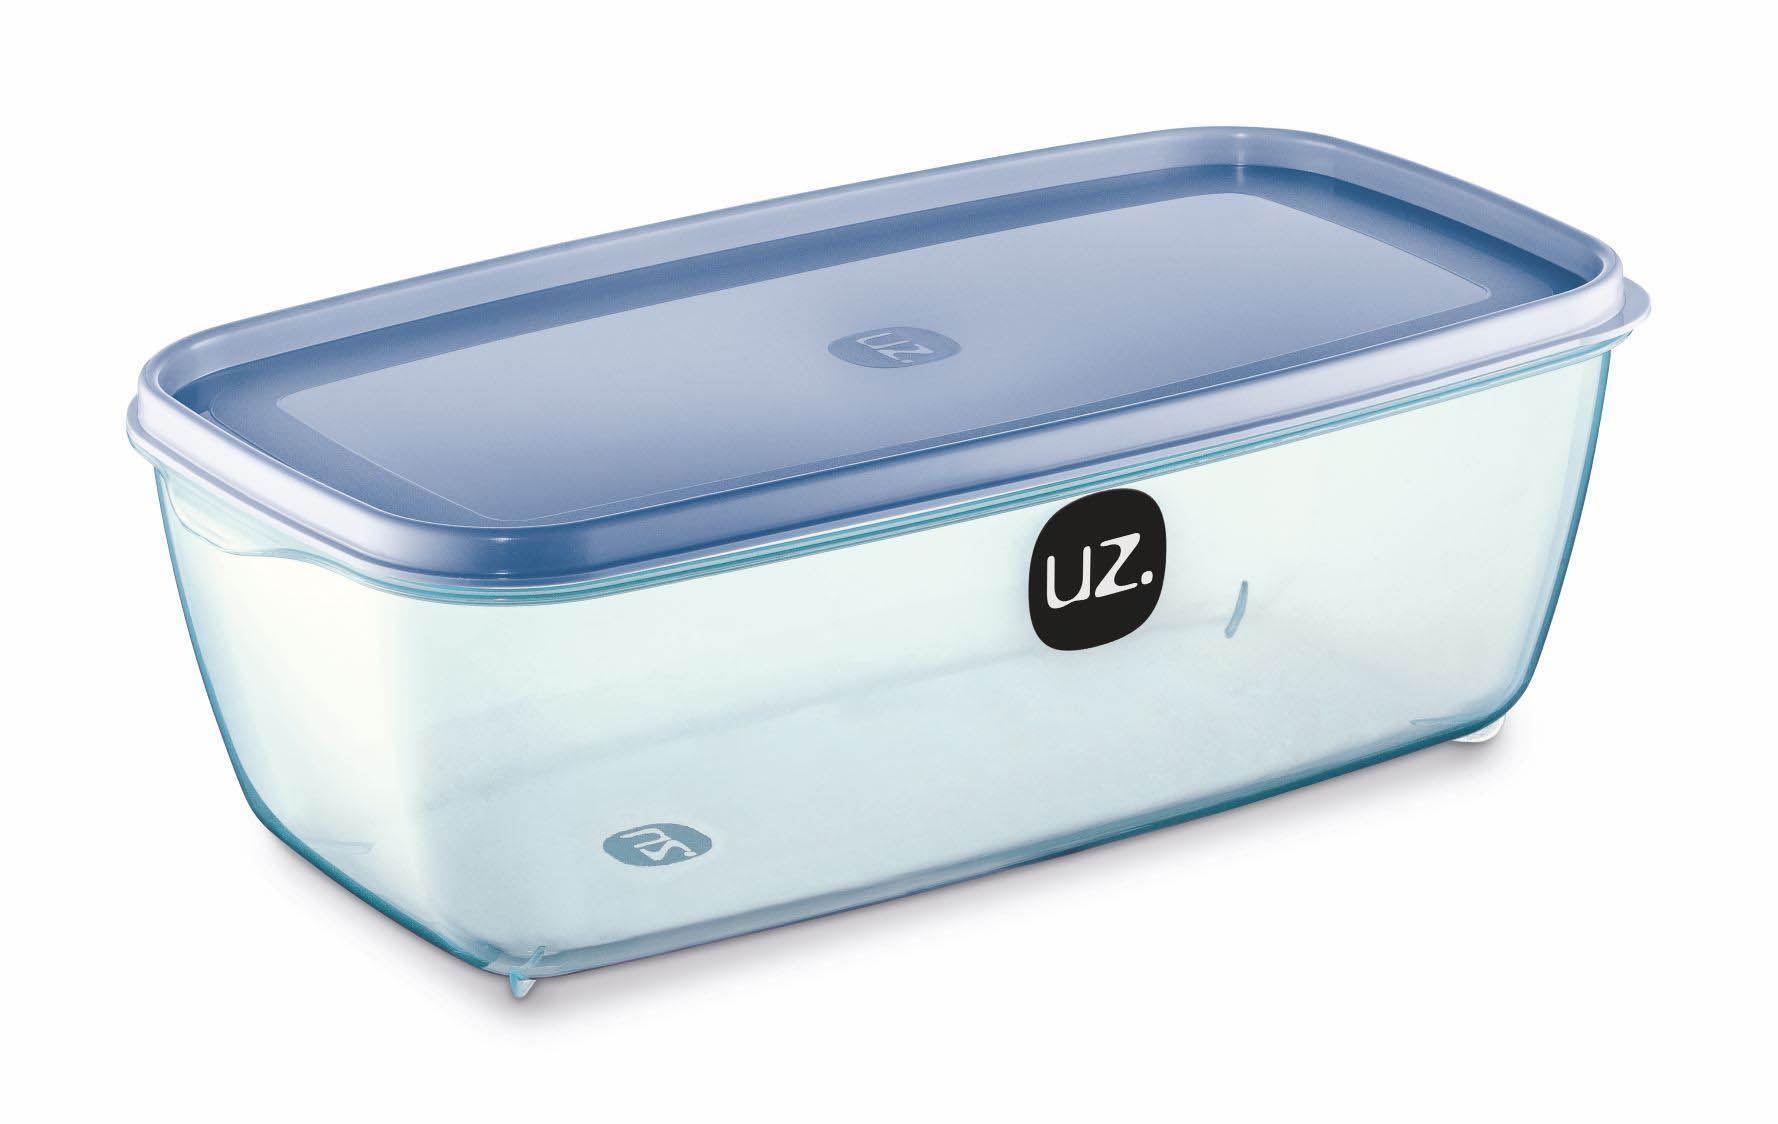 Pote Retangular 3 Litros Vision UZ - Azul